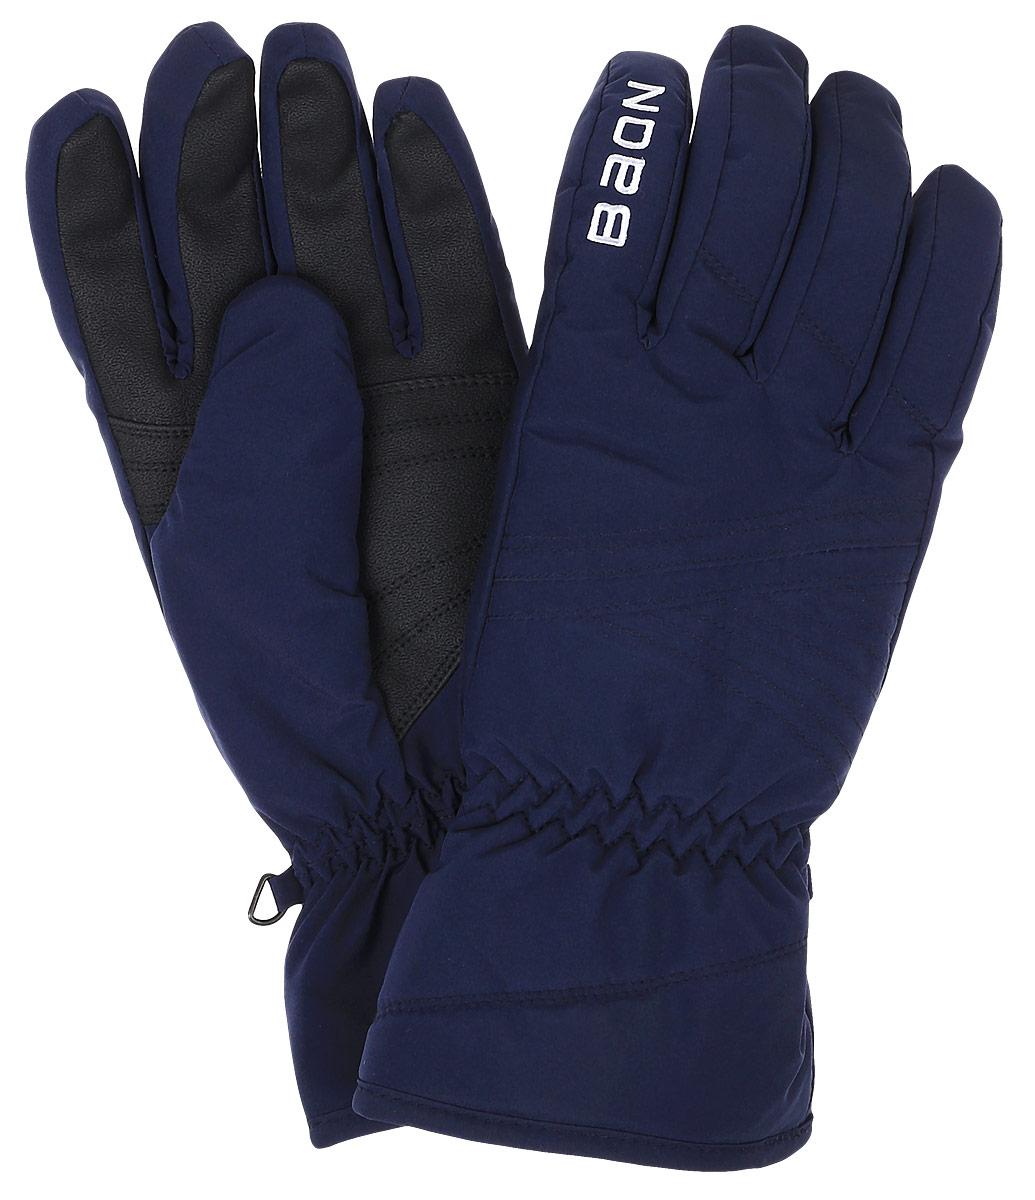 Перчатки женские Baon, цвет: синий. B366519. Размер L (50)B366519_DARK NAVYЖенские перчатки Baon выполнены из полиэстера. На запястьях изделия дополнены эластичными резинками. Подкладка выполнена из мягкого полиэстера. Для удобного хранения перчатки оснащены пластиковой застежкой, соединяющей их вместе.